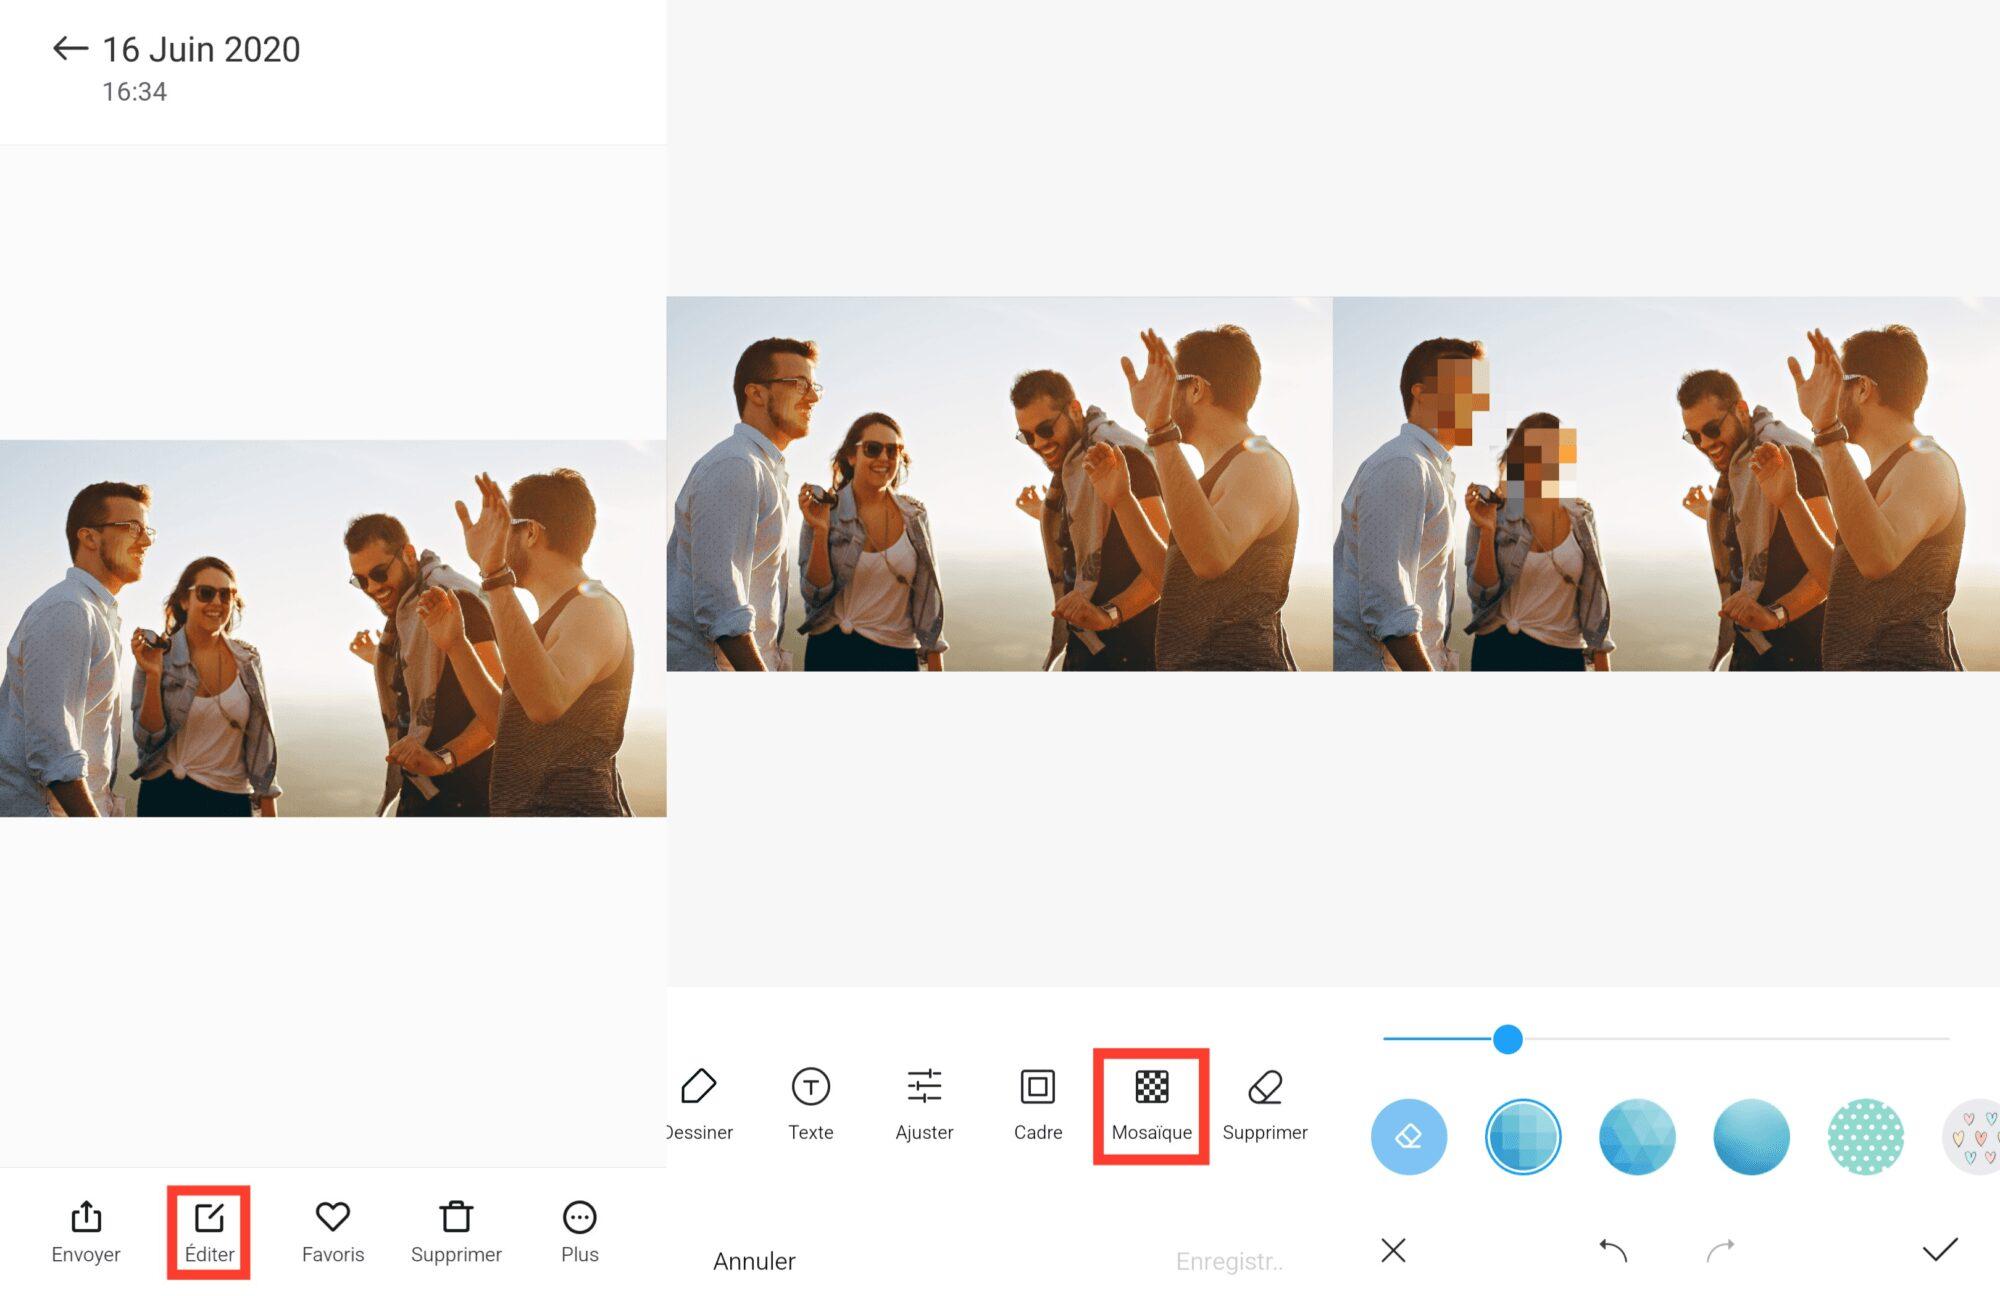 flouter, Flouter un visage ou les informations d'une image sur votre smartphone Android